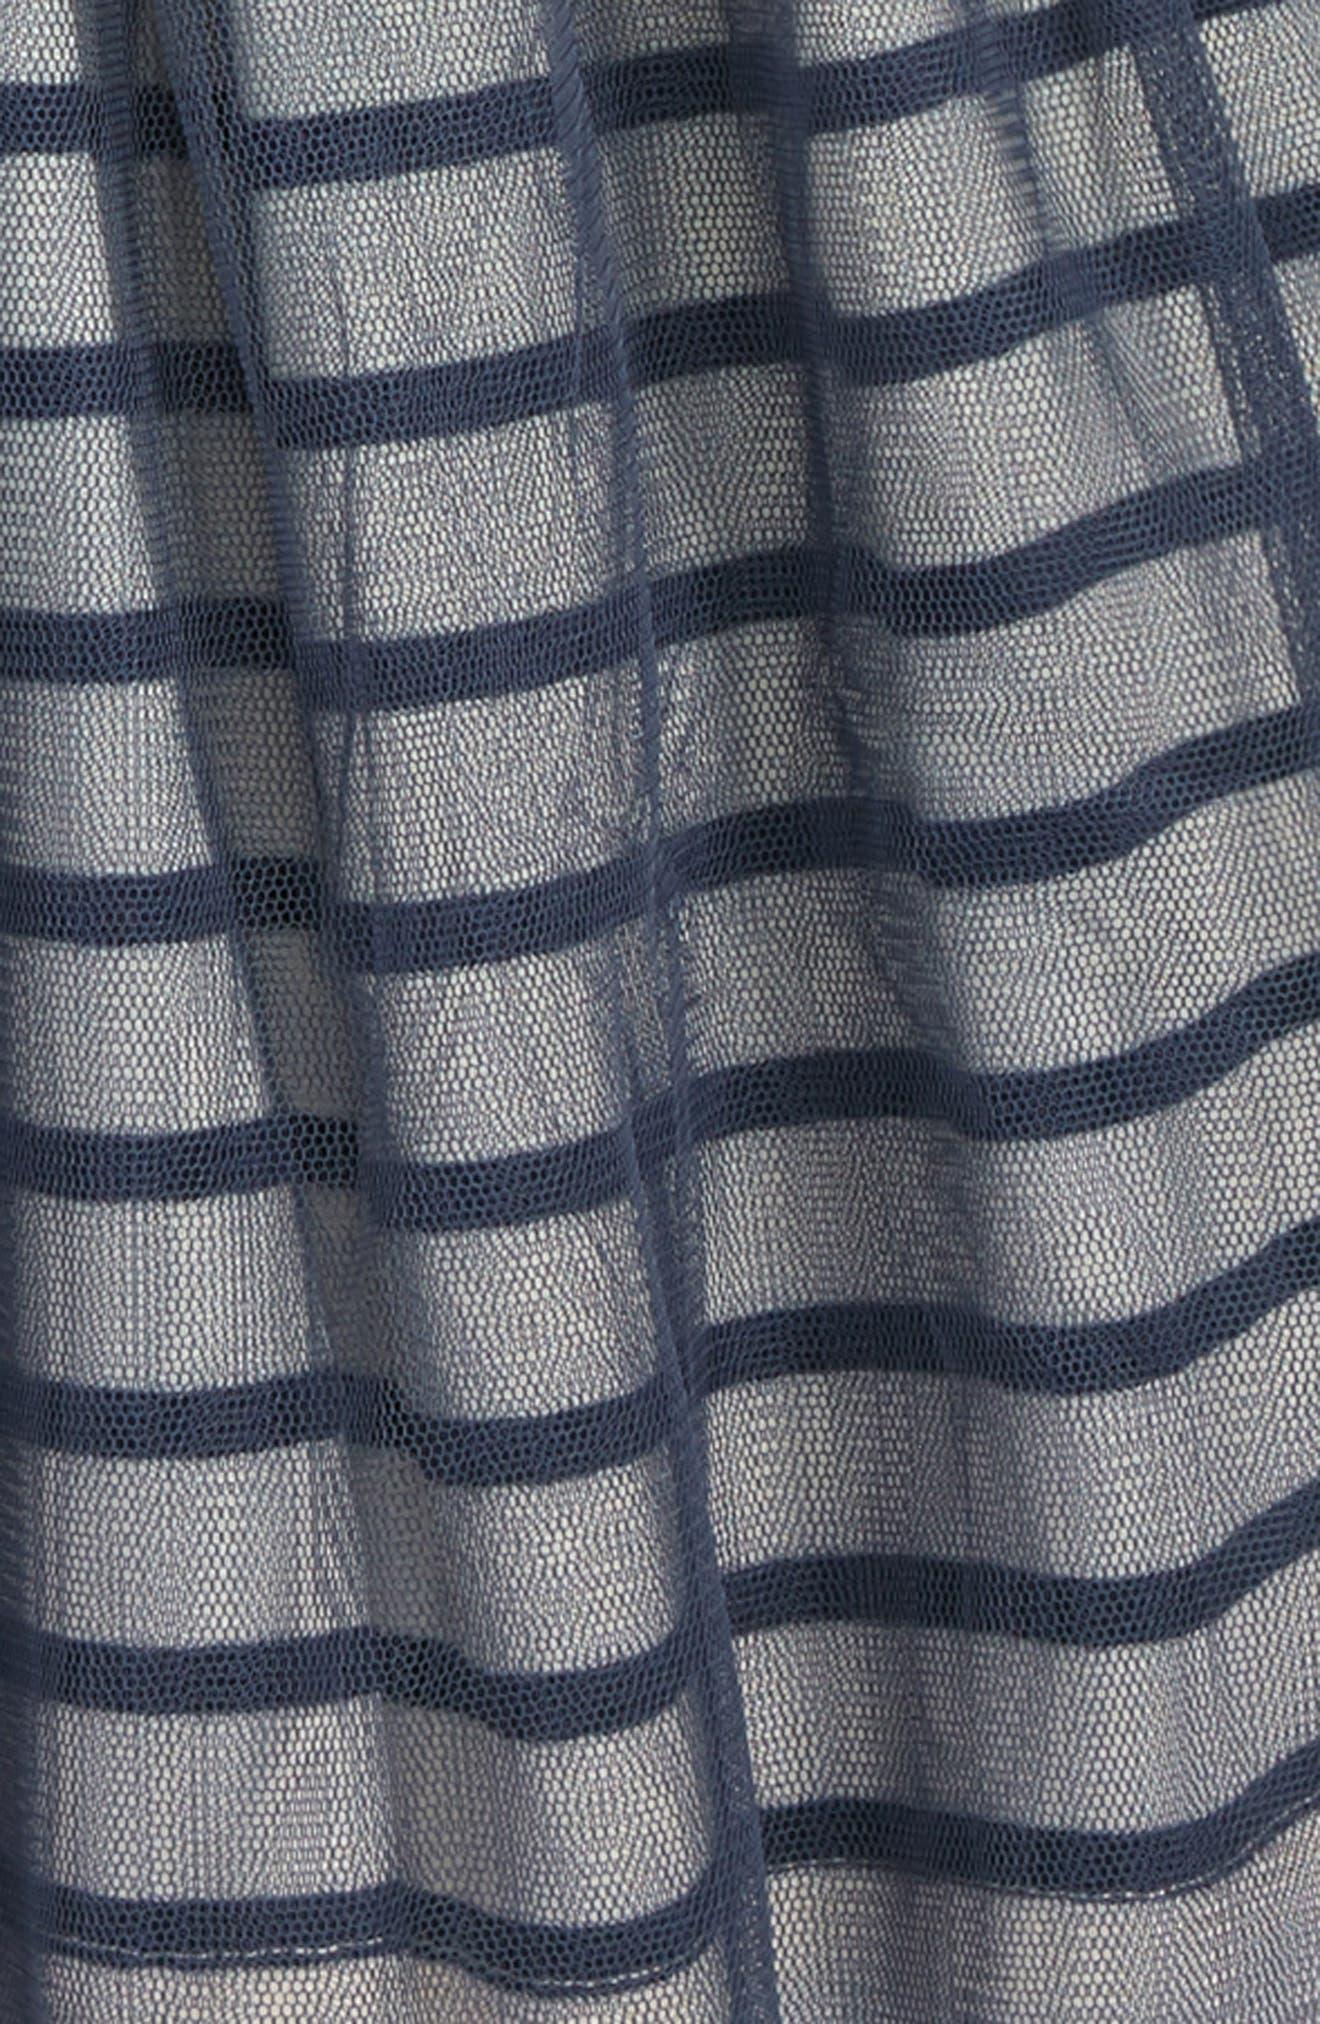 Stripe Tulle Skirt,                             Alternate thumbnail 2, color,                             INDIGO